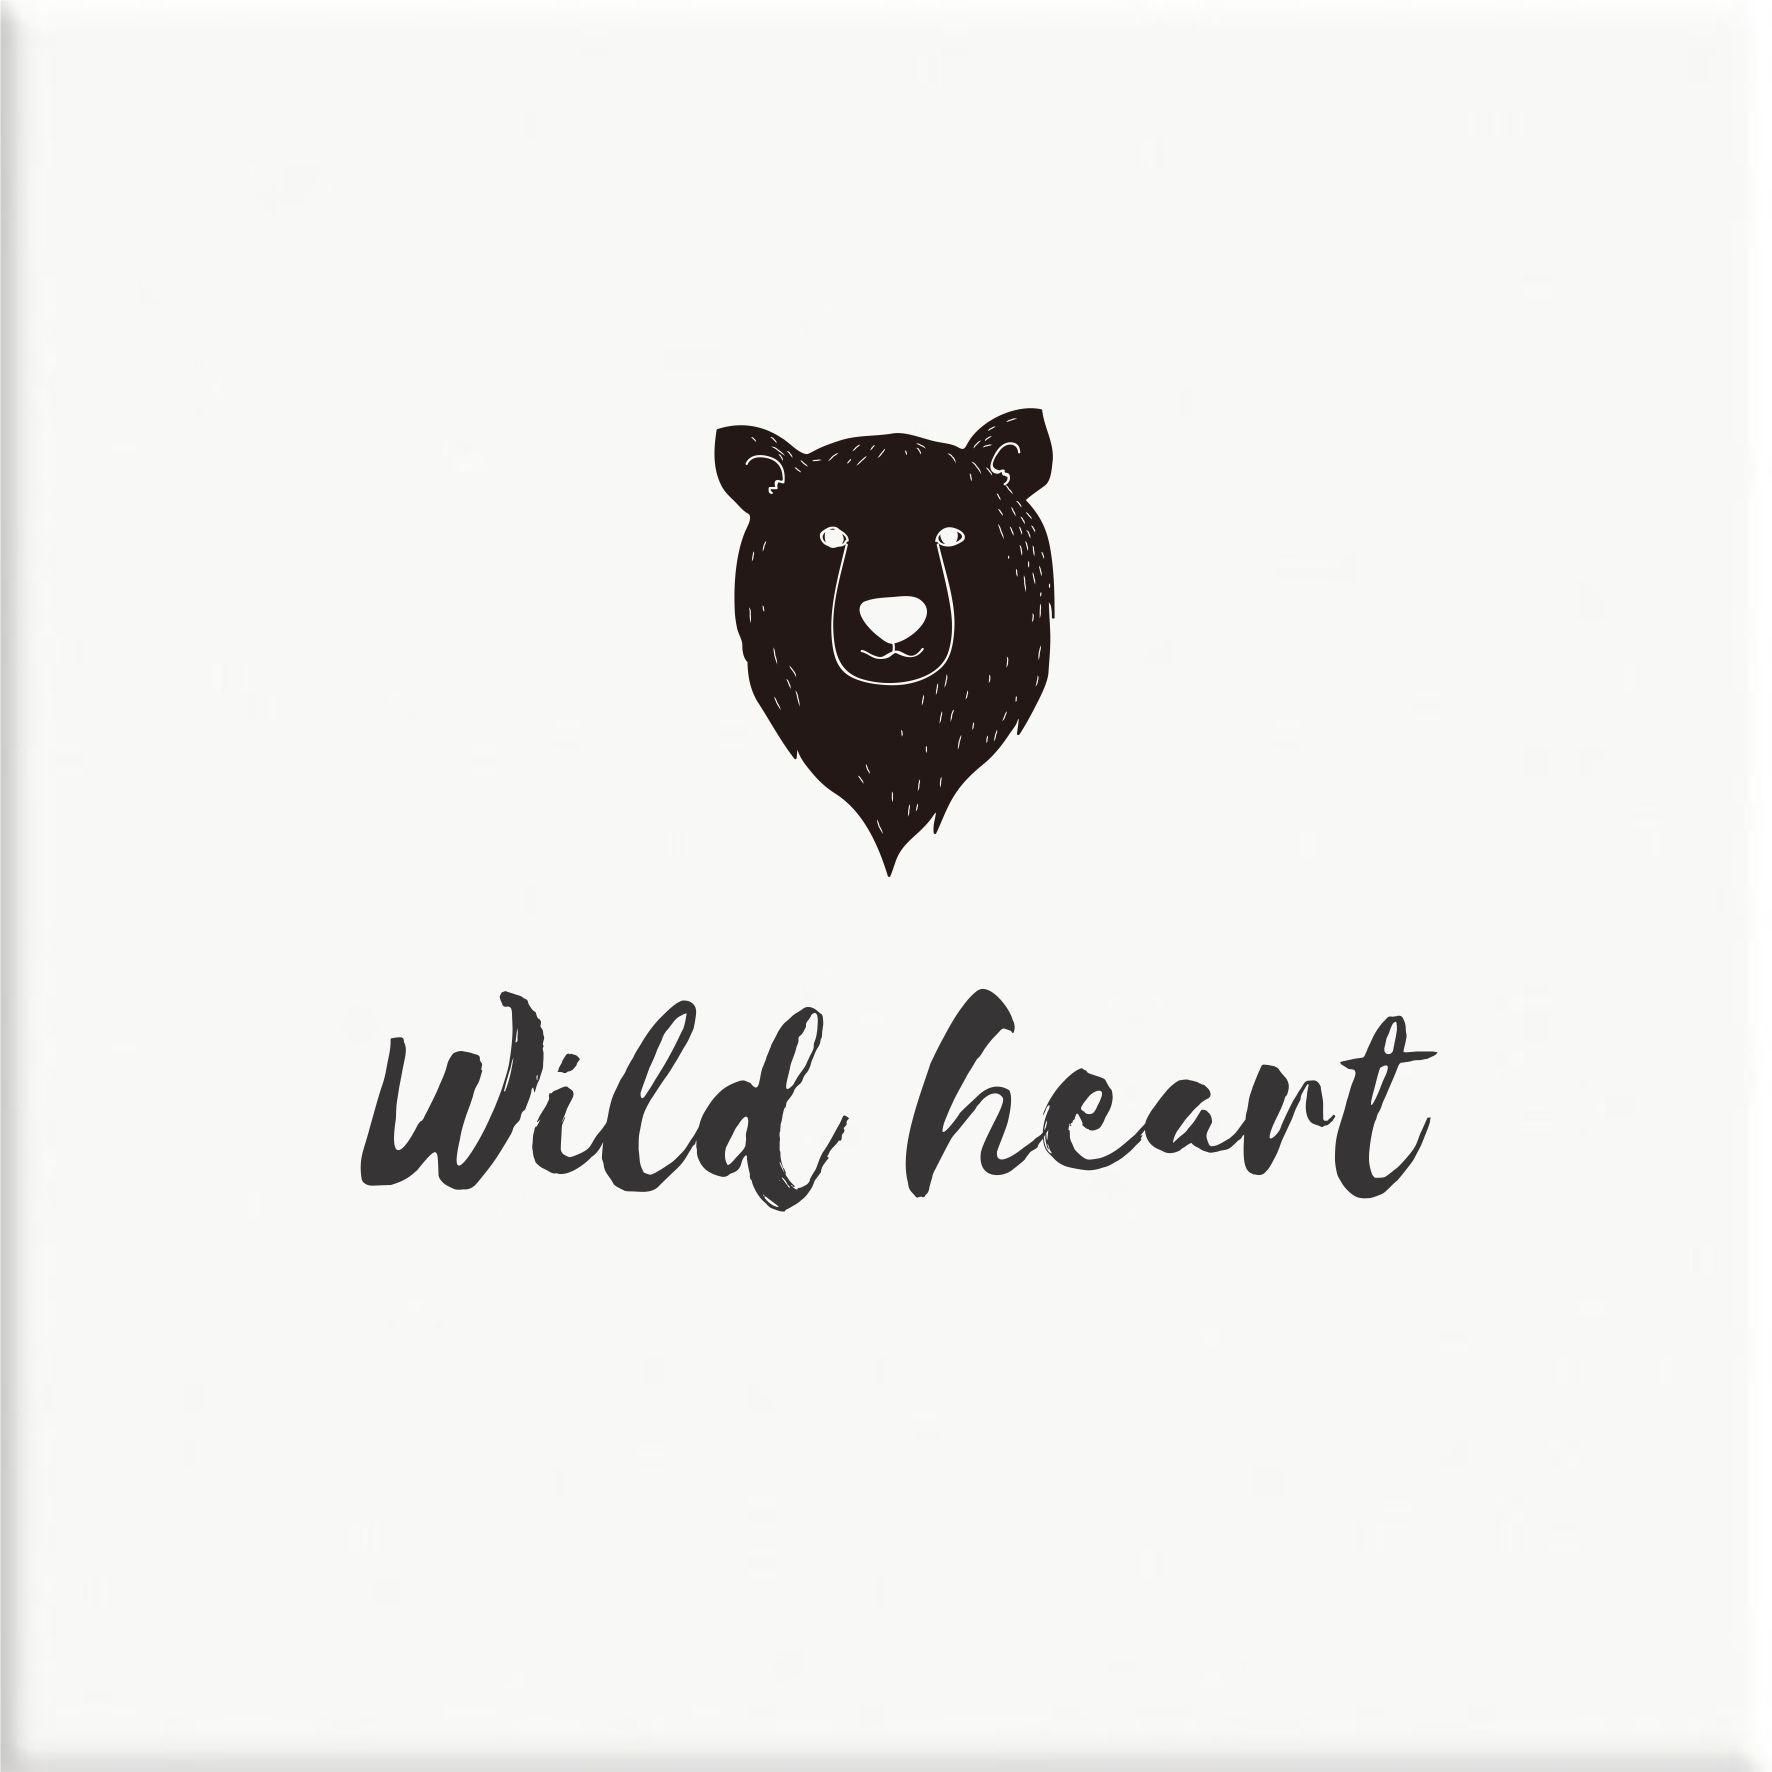 Azulejo Wild